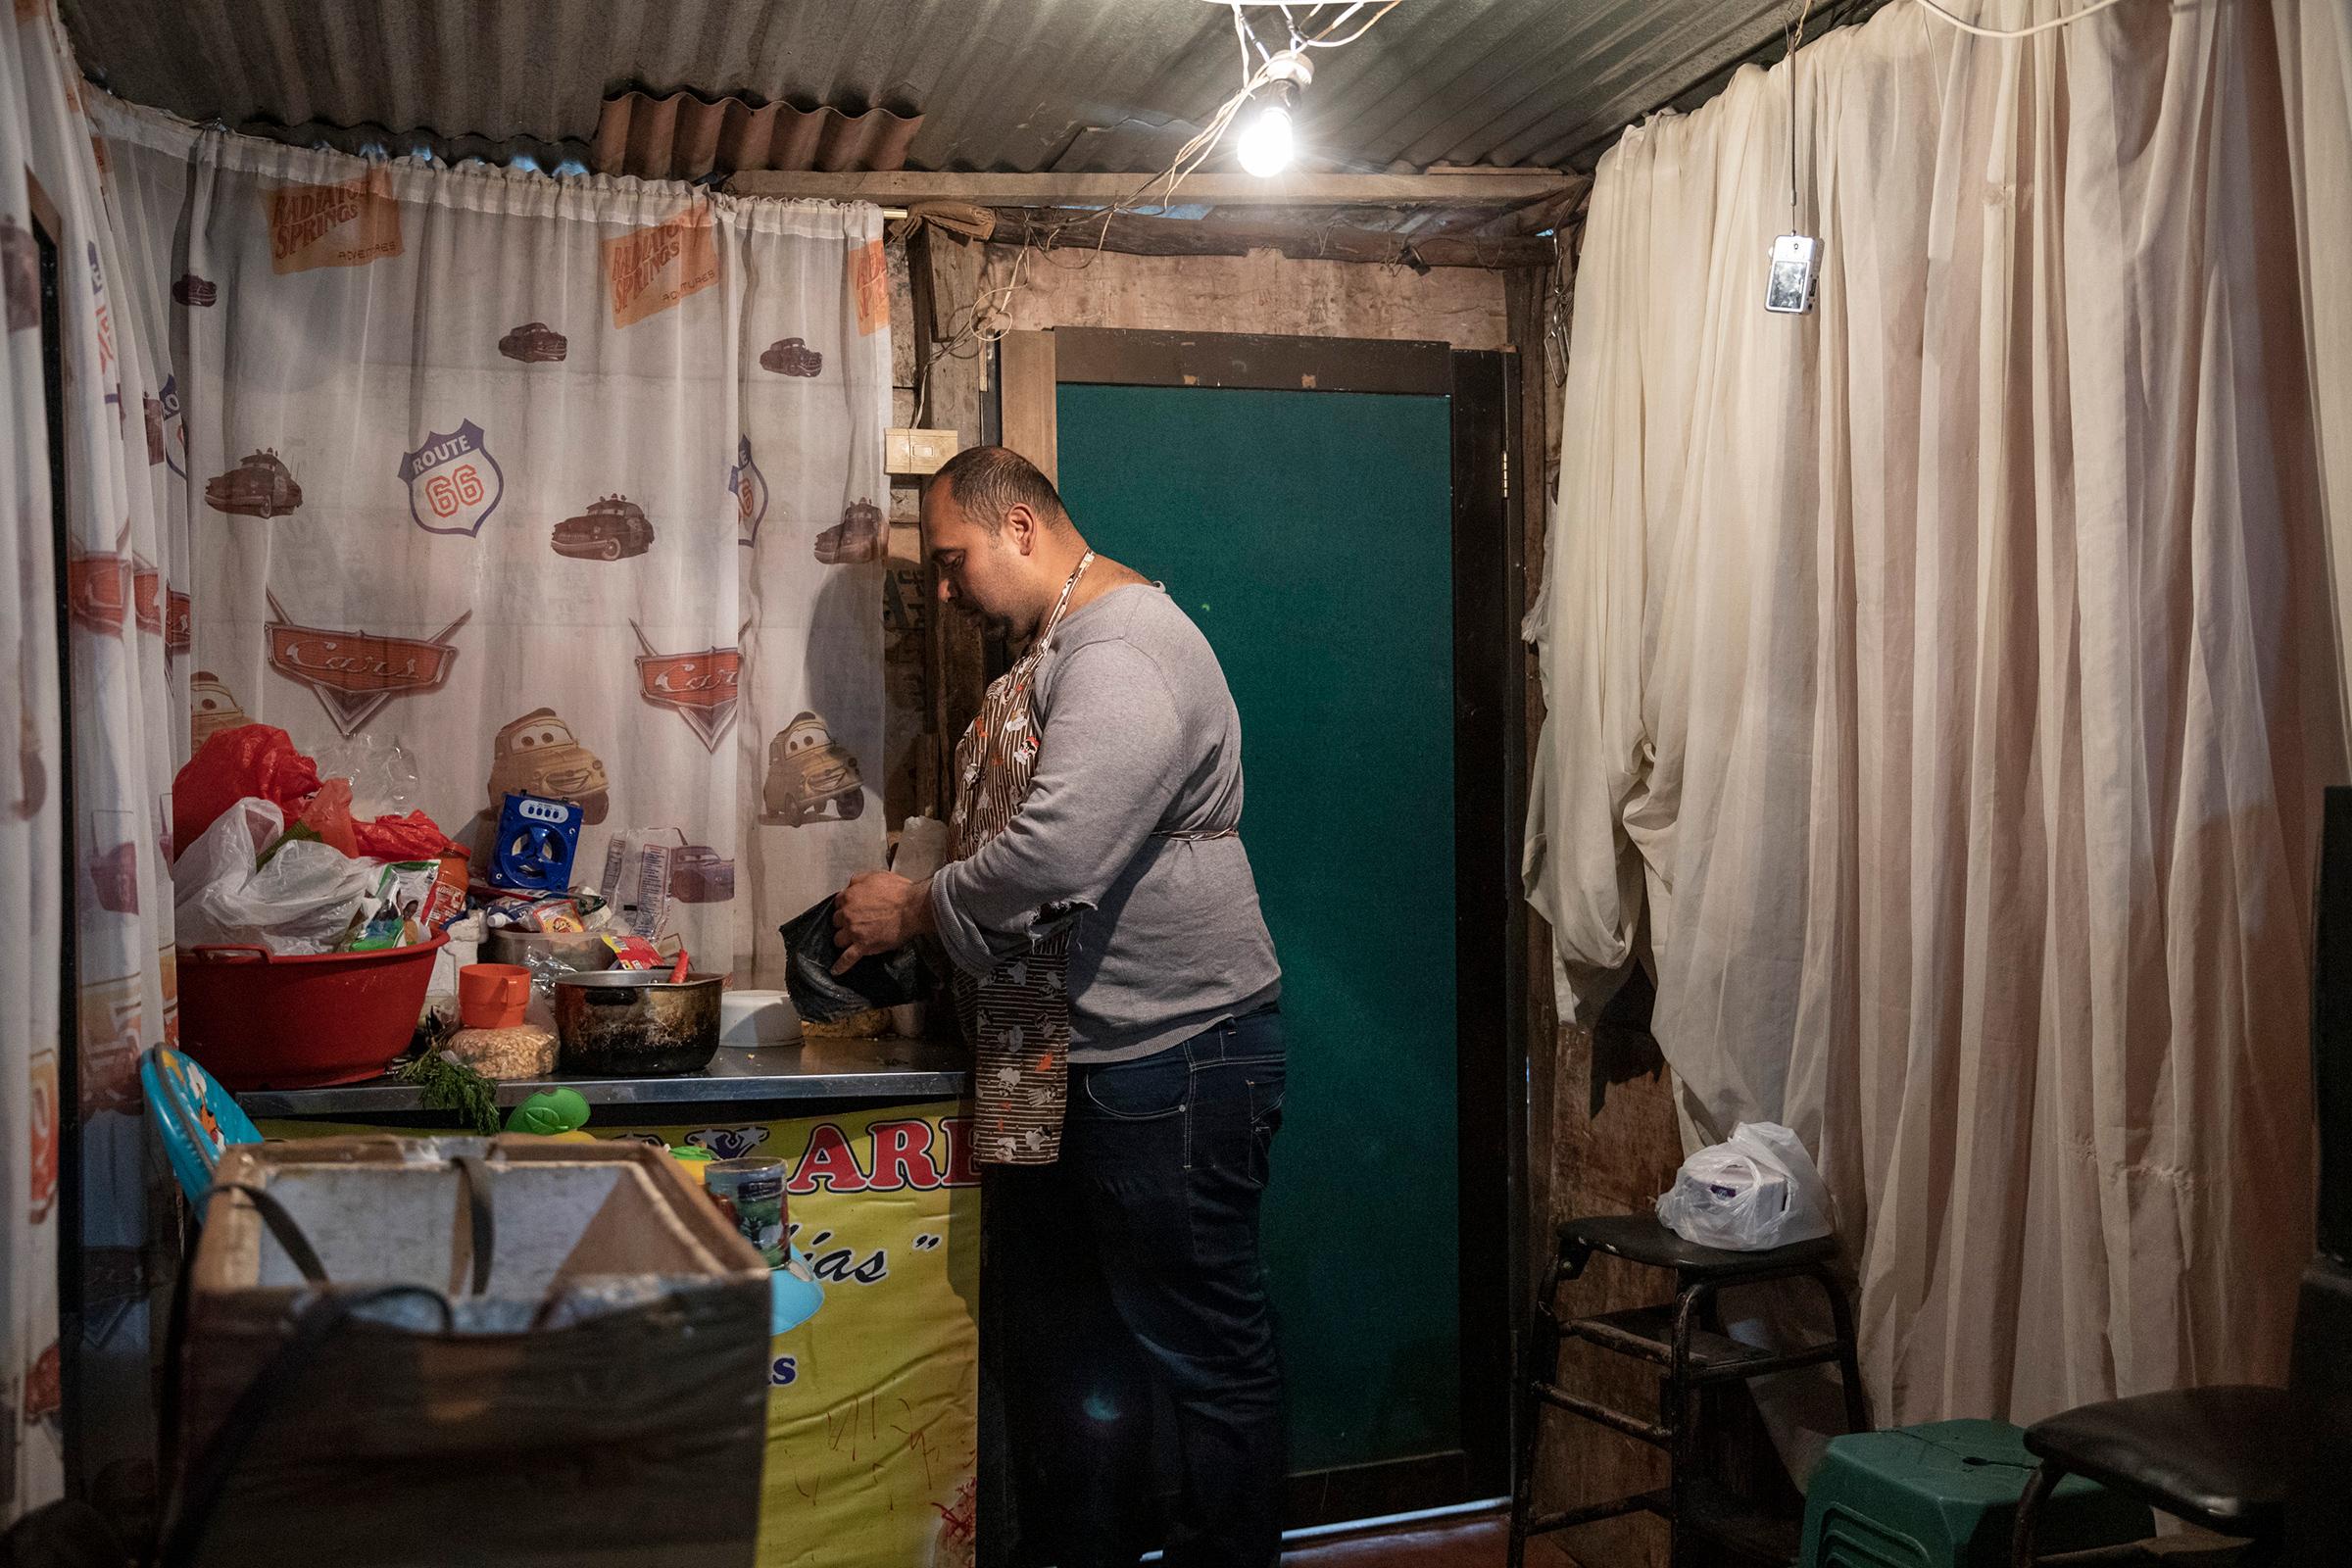 Nixon Valera, quien llegó en 2018, se despierta a las 5:30 a.m. todos los días para hacer empanadas para la venta en las calles de Bogotá;  En Venezuela, trabajó en la industria del plástico.